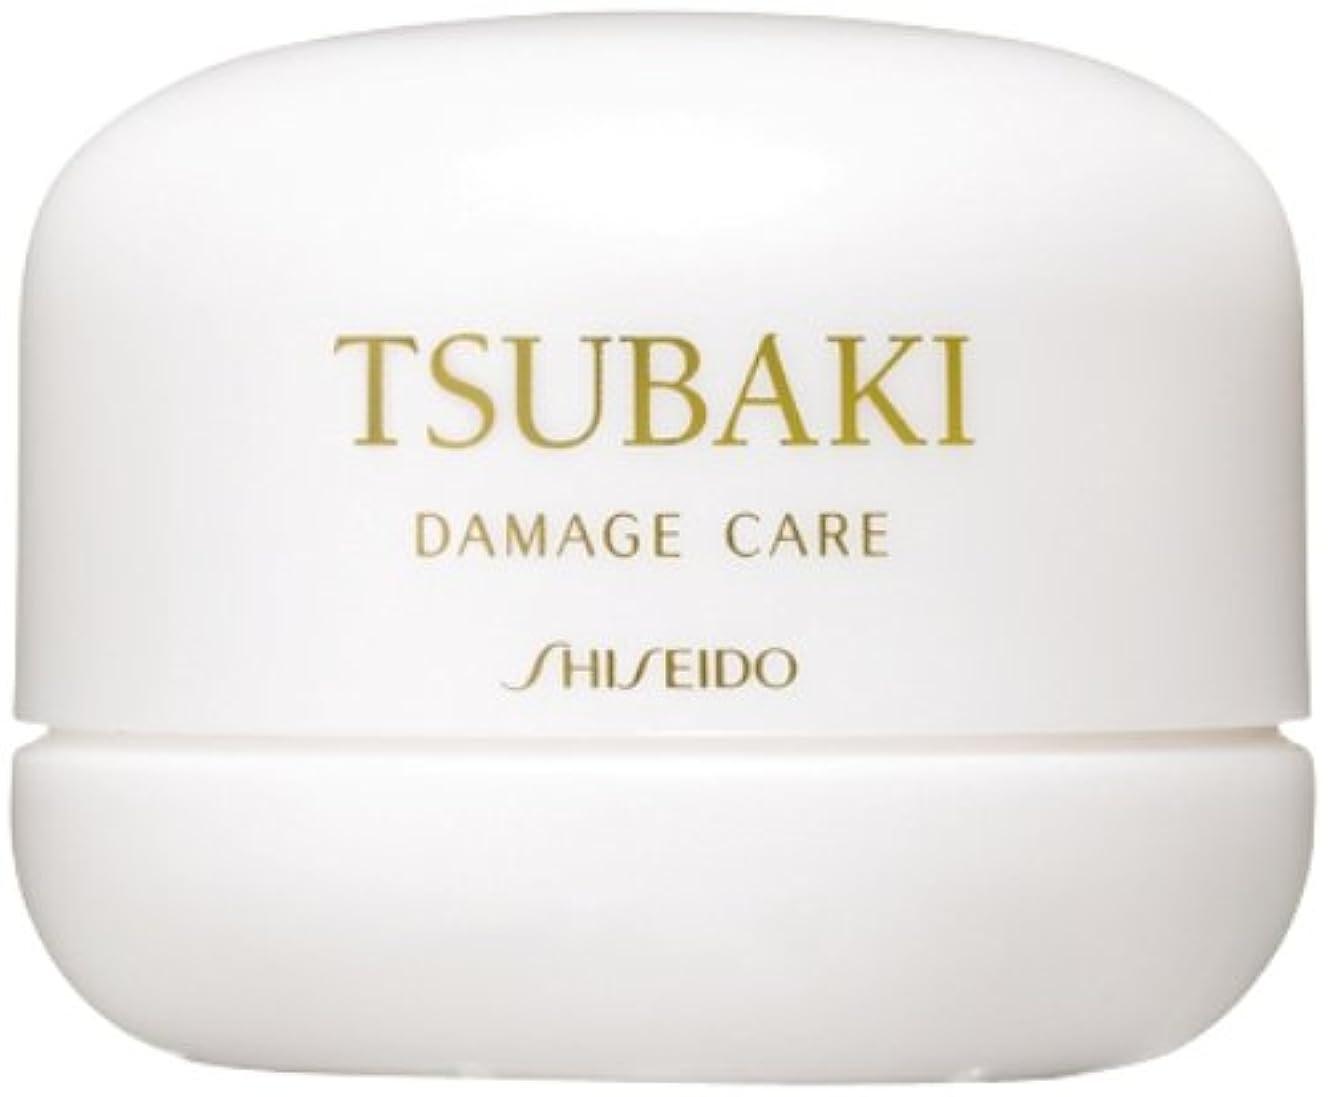 TSUBAKI ダメージケア集中補修ヘアマスク 180g